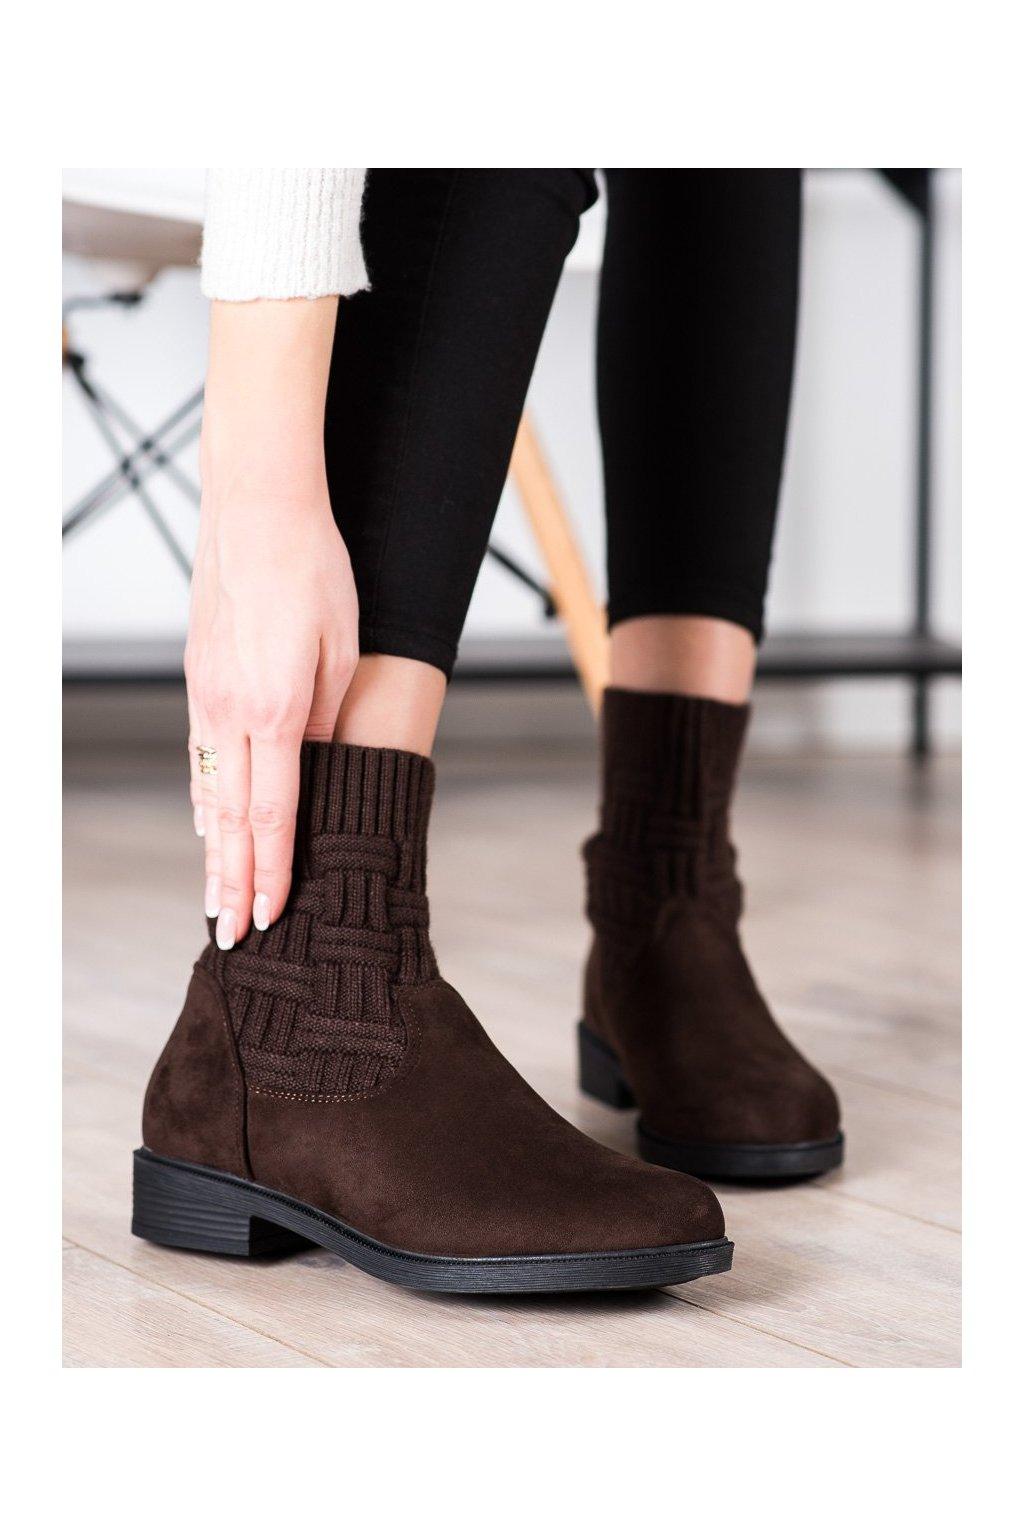 Hnedé dámske topánky Shelovet kod E2100BR